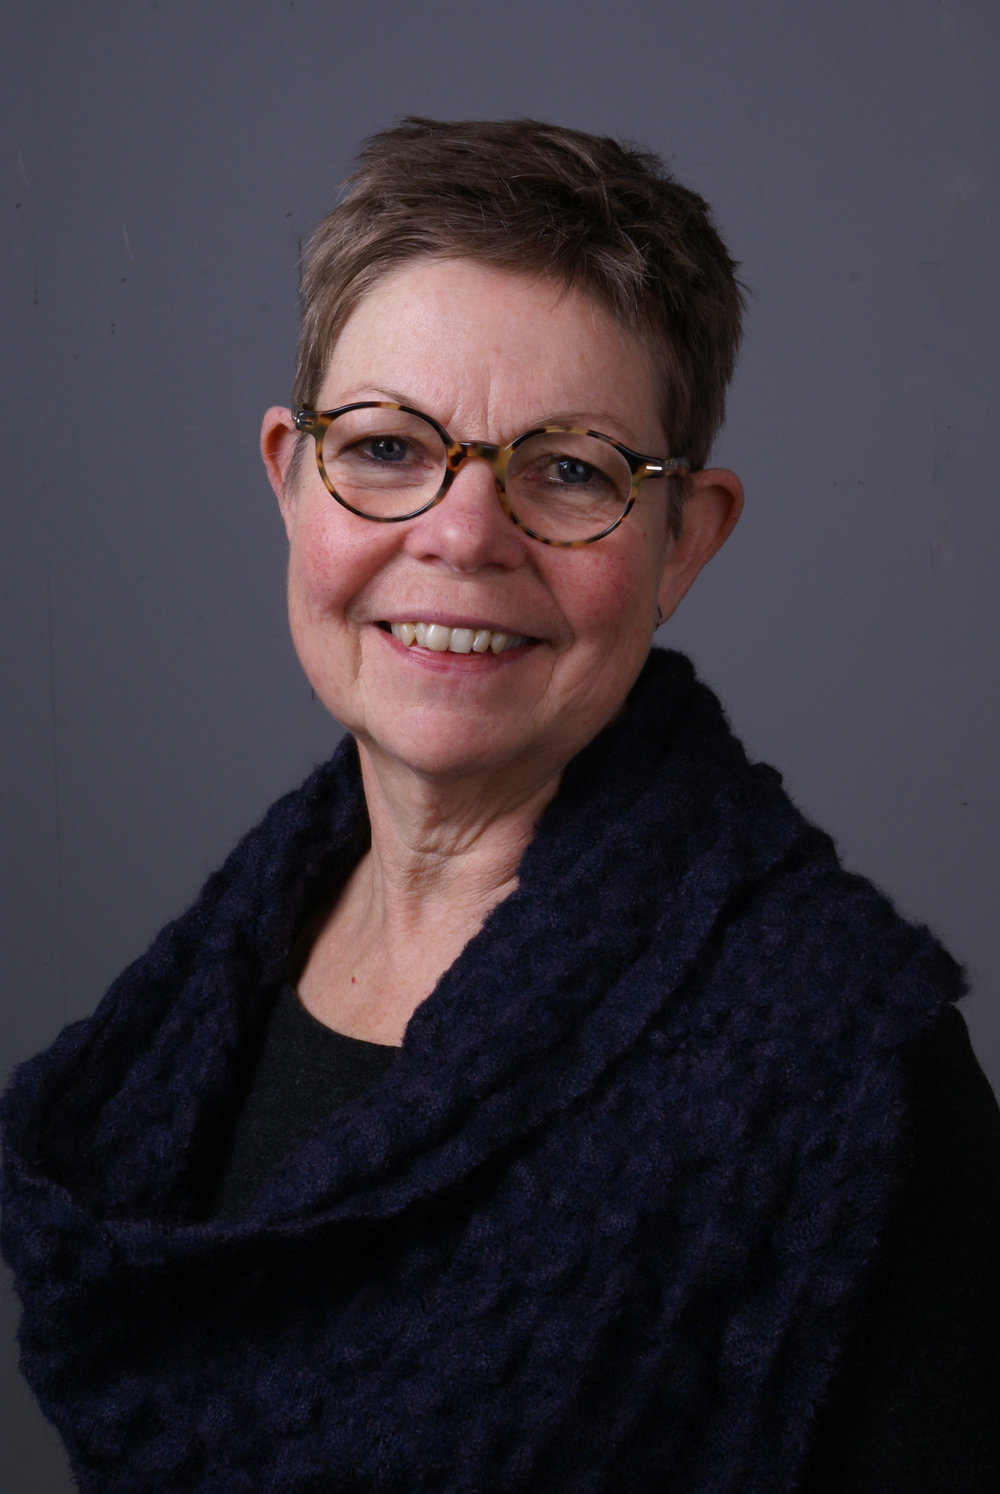 Porträtt Ingeborg Skaar. Foto: Göran Lidén